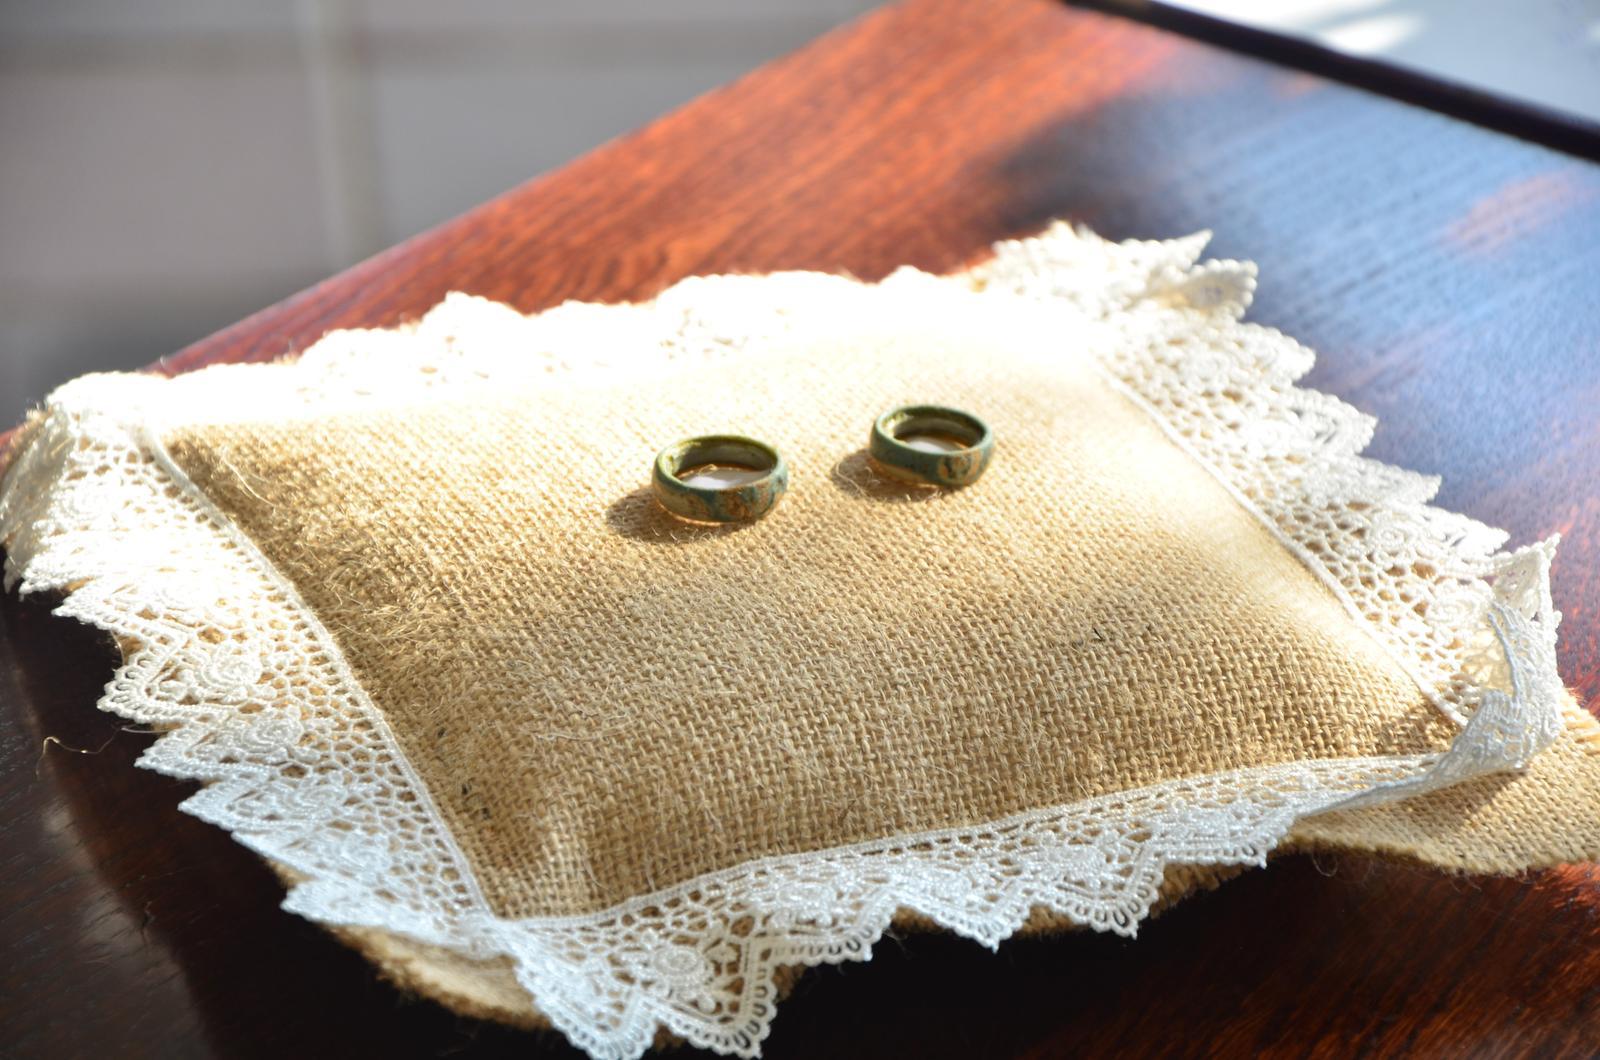 Šárka{{_AND_}}Tomáš - Vlastnoručně vyrobené prstýnky, které se nám ale rozpadly, takže stejně skončíme u zatých kroužků